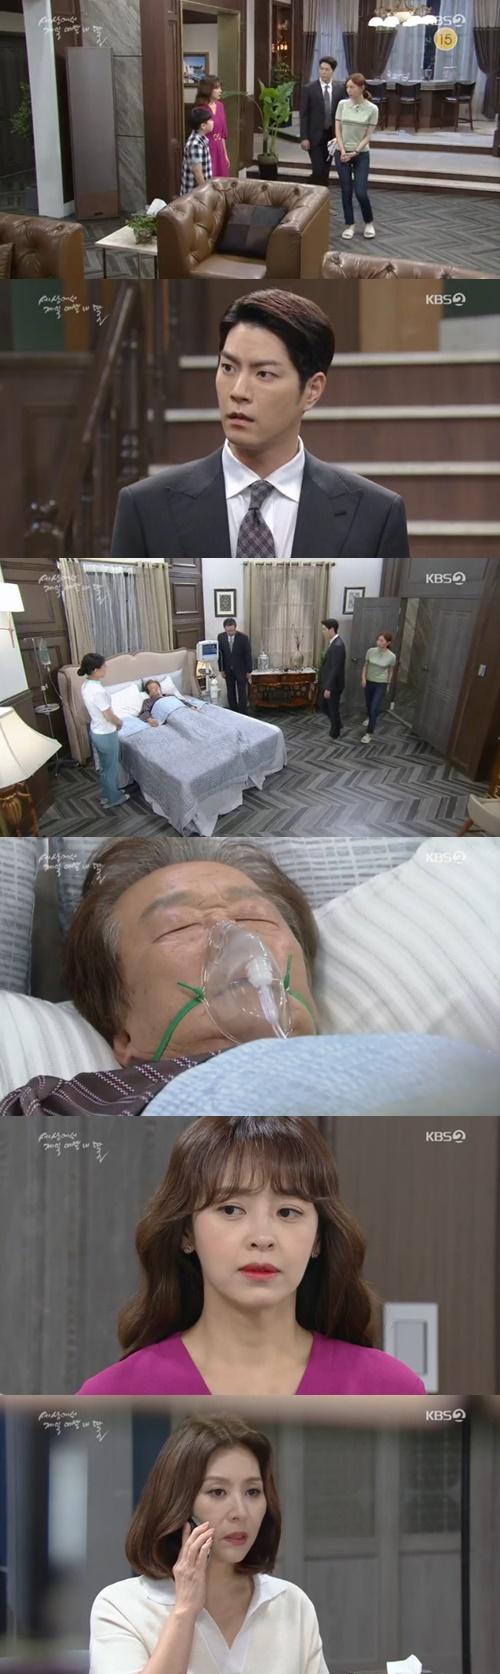 '세젤예' 동방우가 쓰러졌다. 사진=KBS '세상에서 제일 예쁜 내 딸' 방송캡처